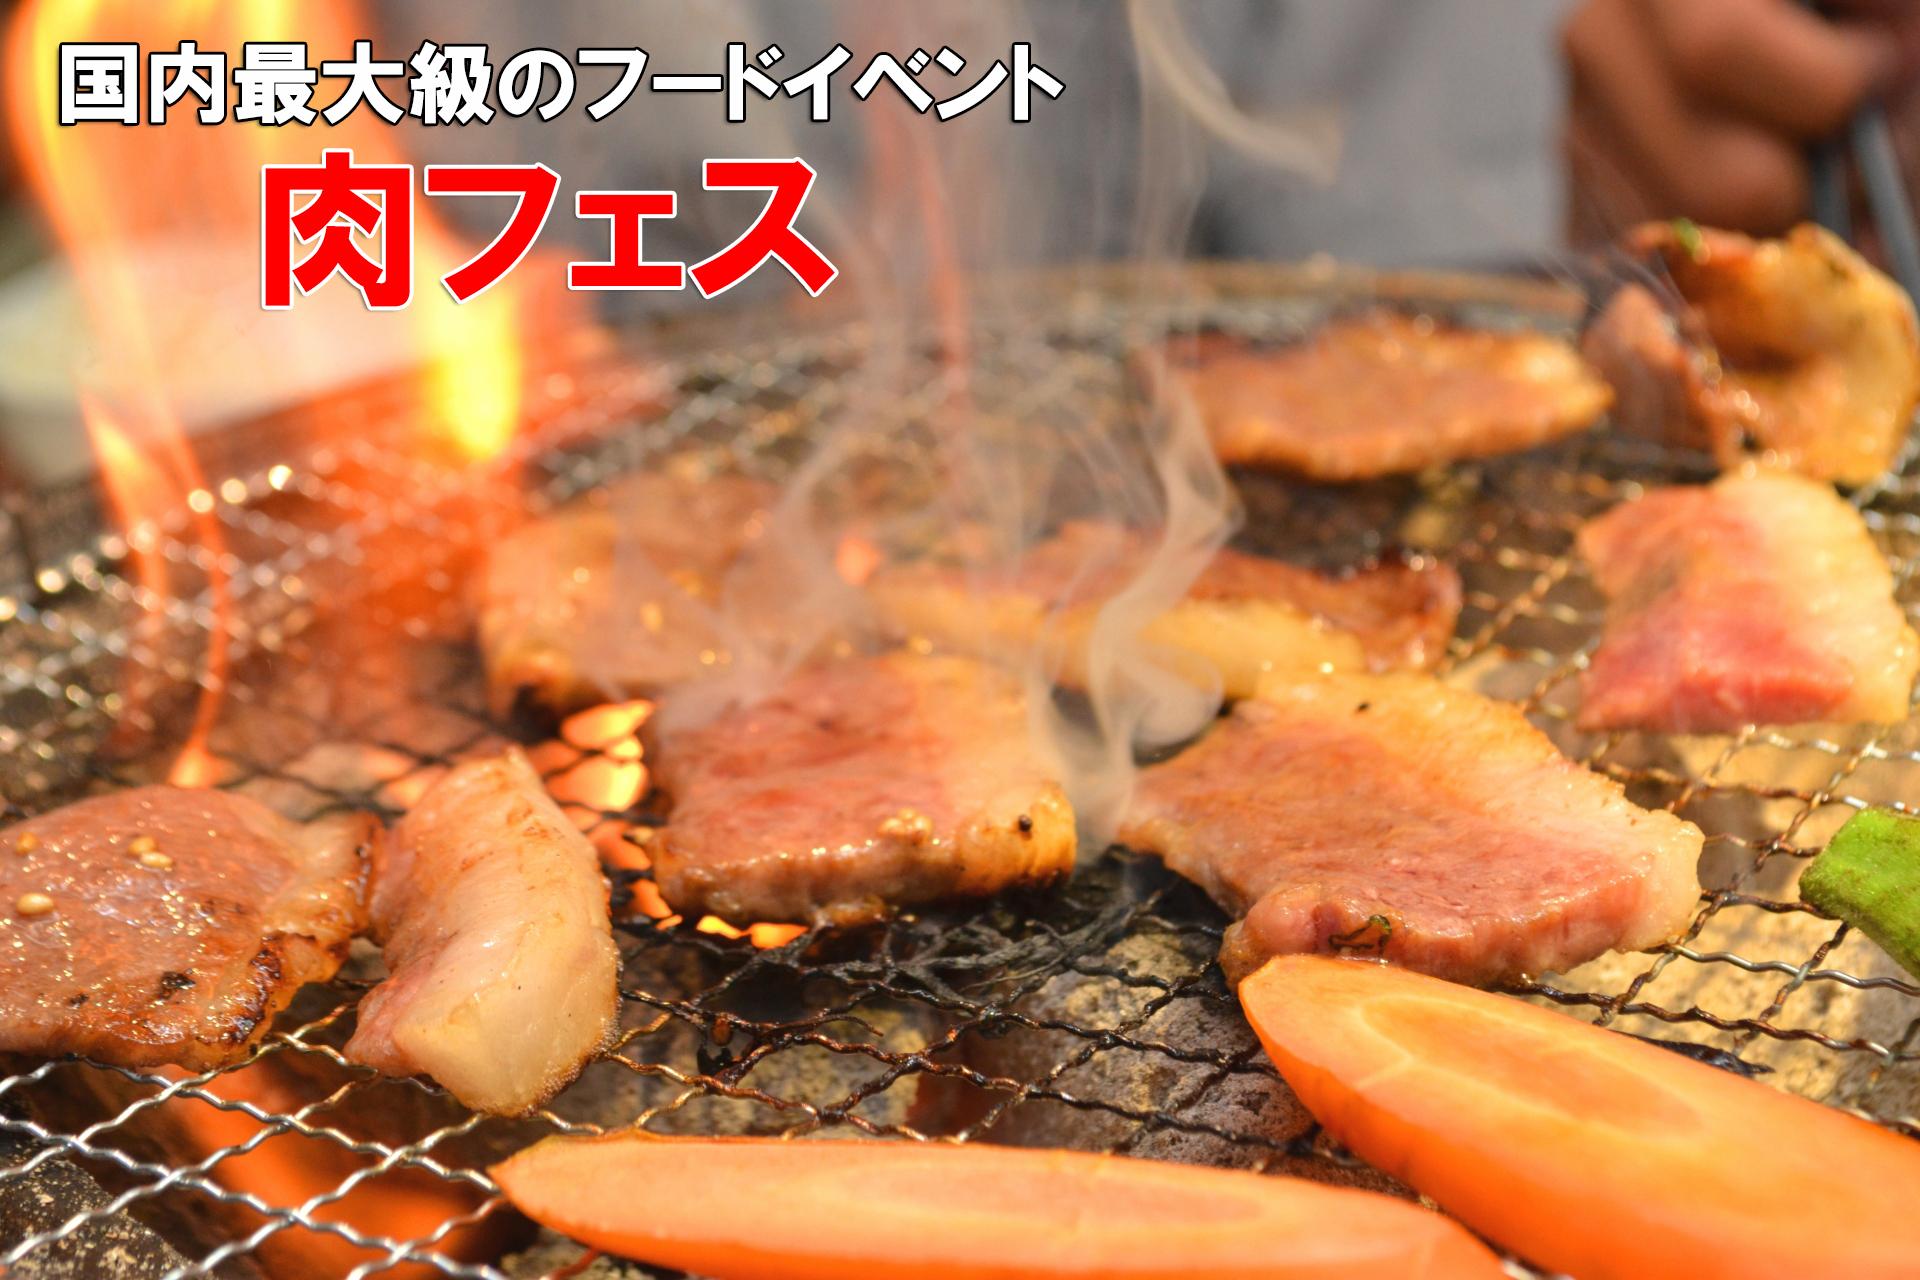 産直お肉のお取り寄せ通販